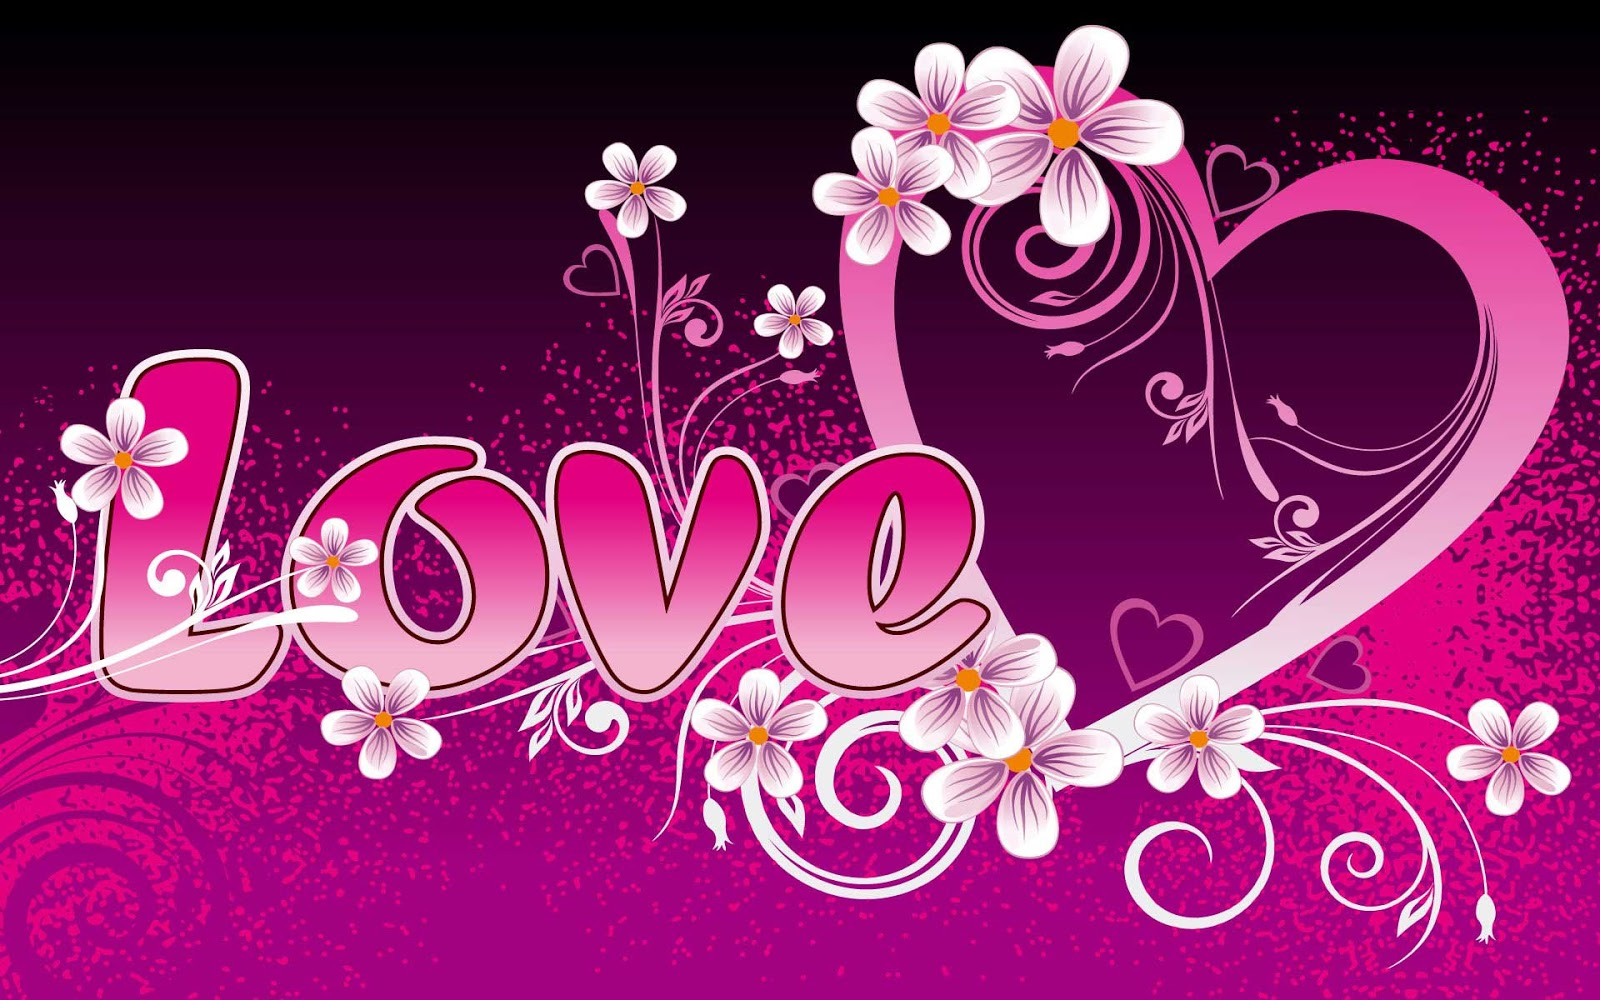 Beautiful Love Wallpaper Hd: Beautiful Love WallpaperWallpaper Background Wallpaper